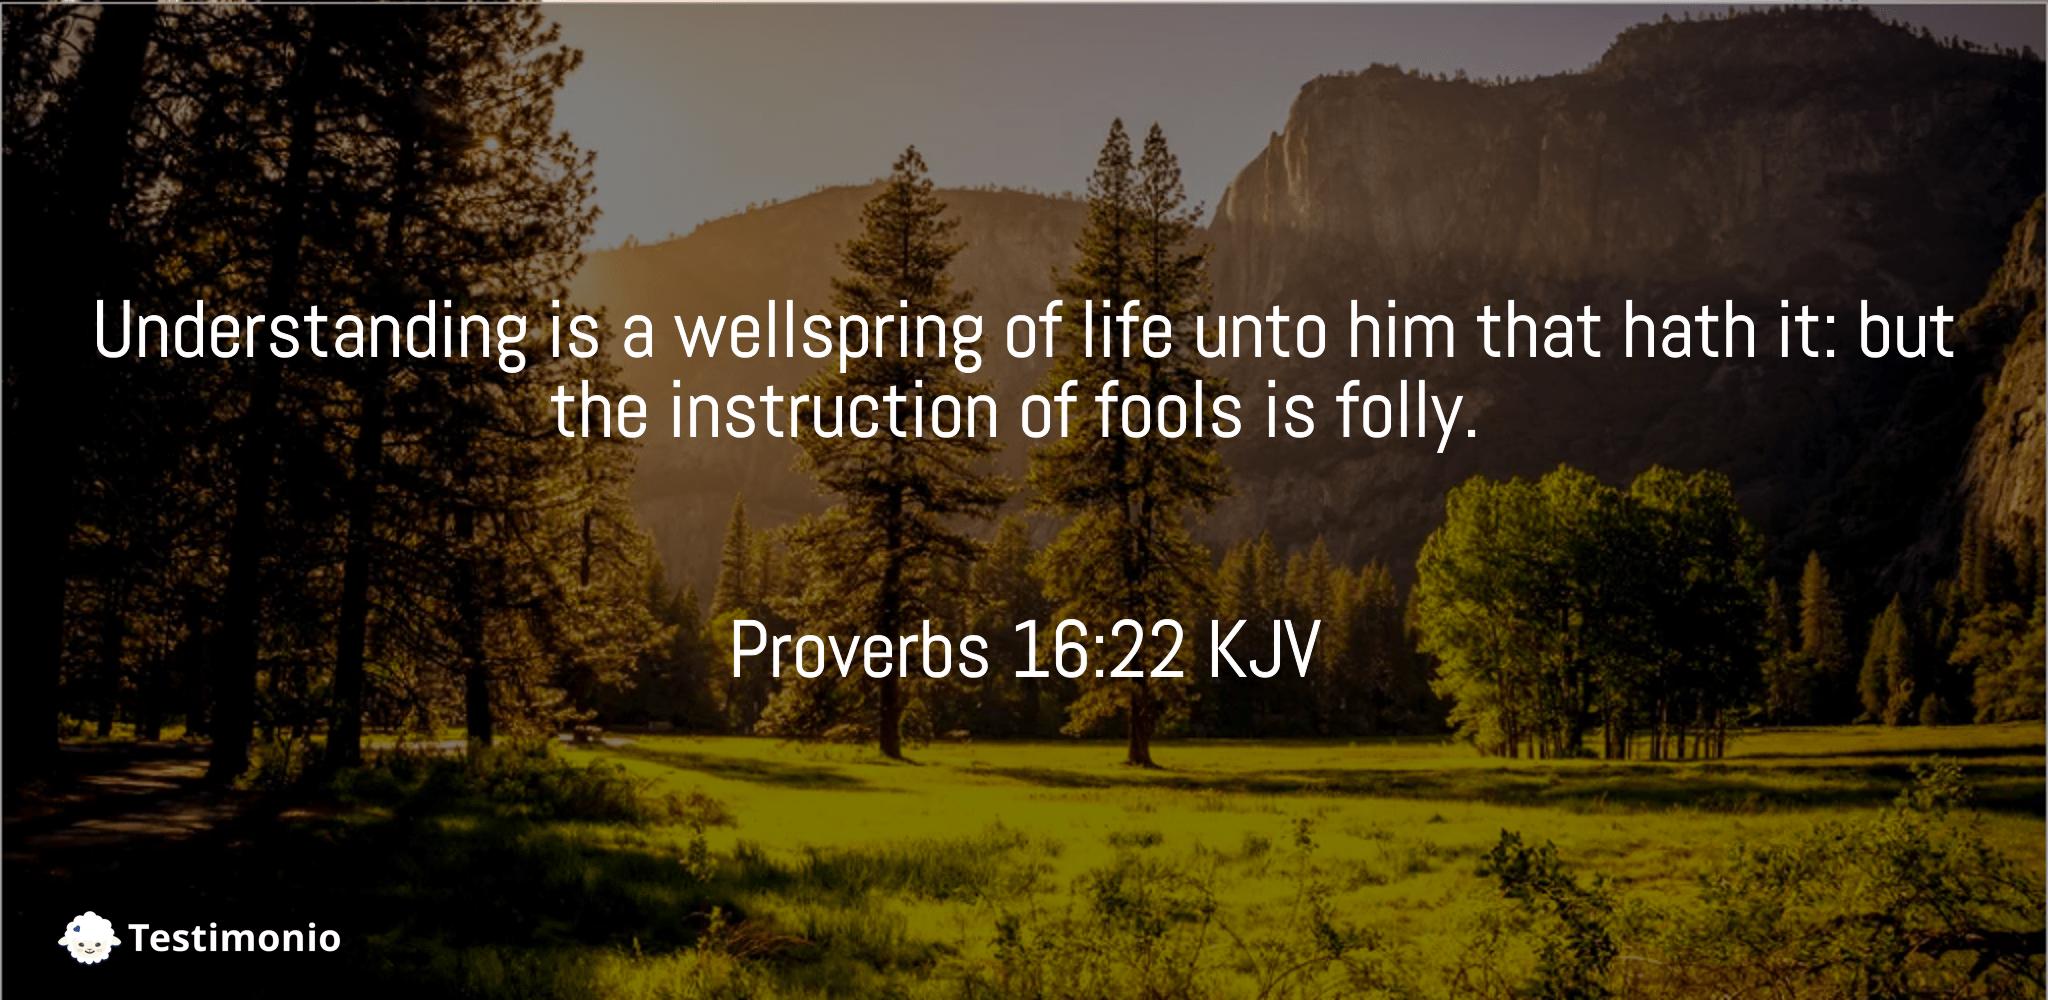 Proverbs 16:22